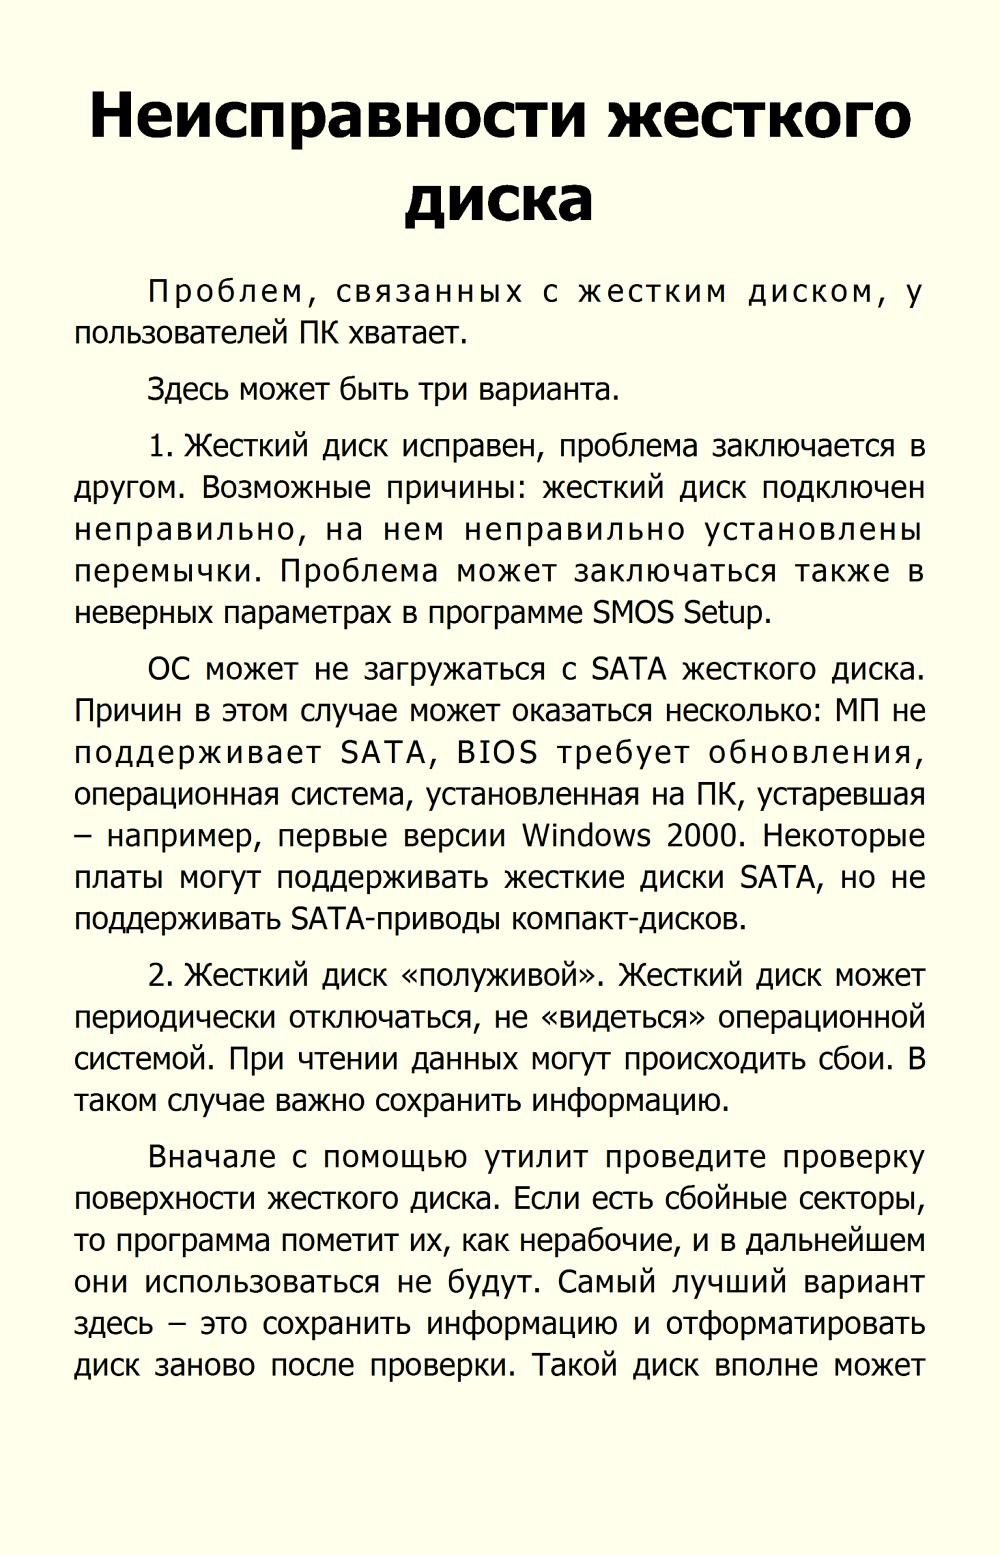 http://i1.imageban.ru/out/2013/10/22/f431cd7963f8e8e5f739a50fc2ff4edf.jpg